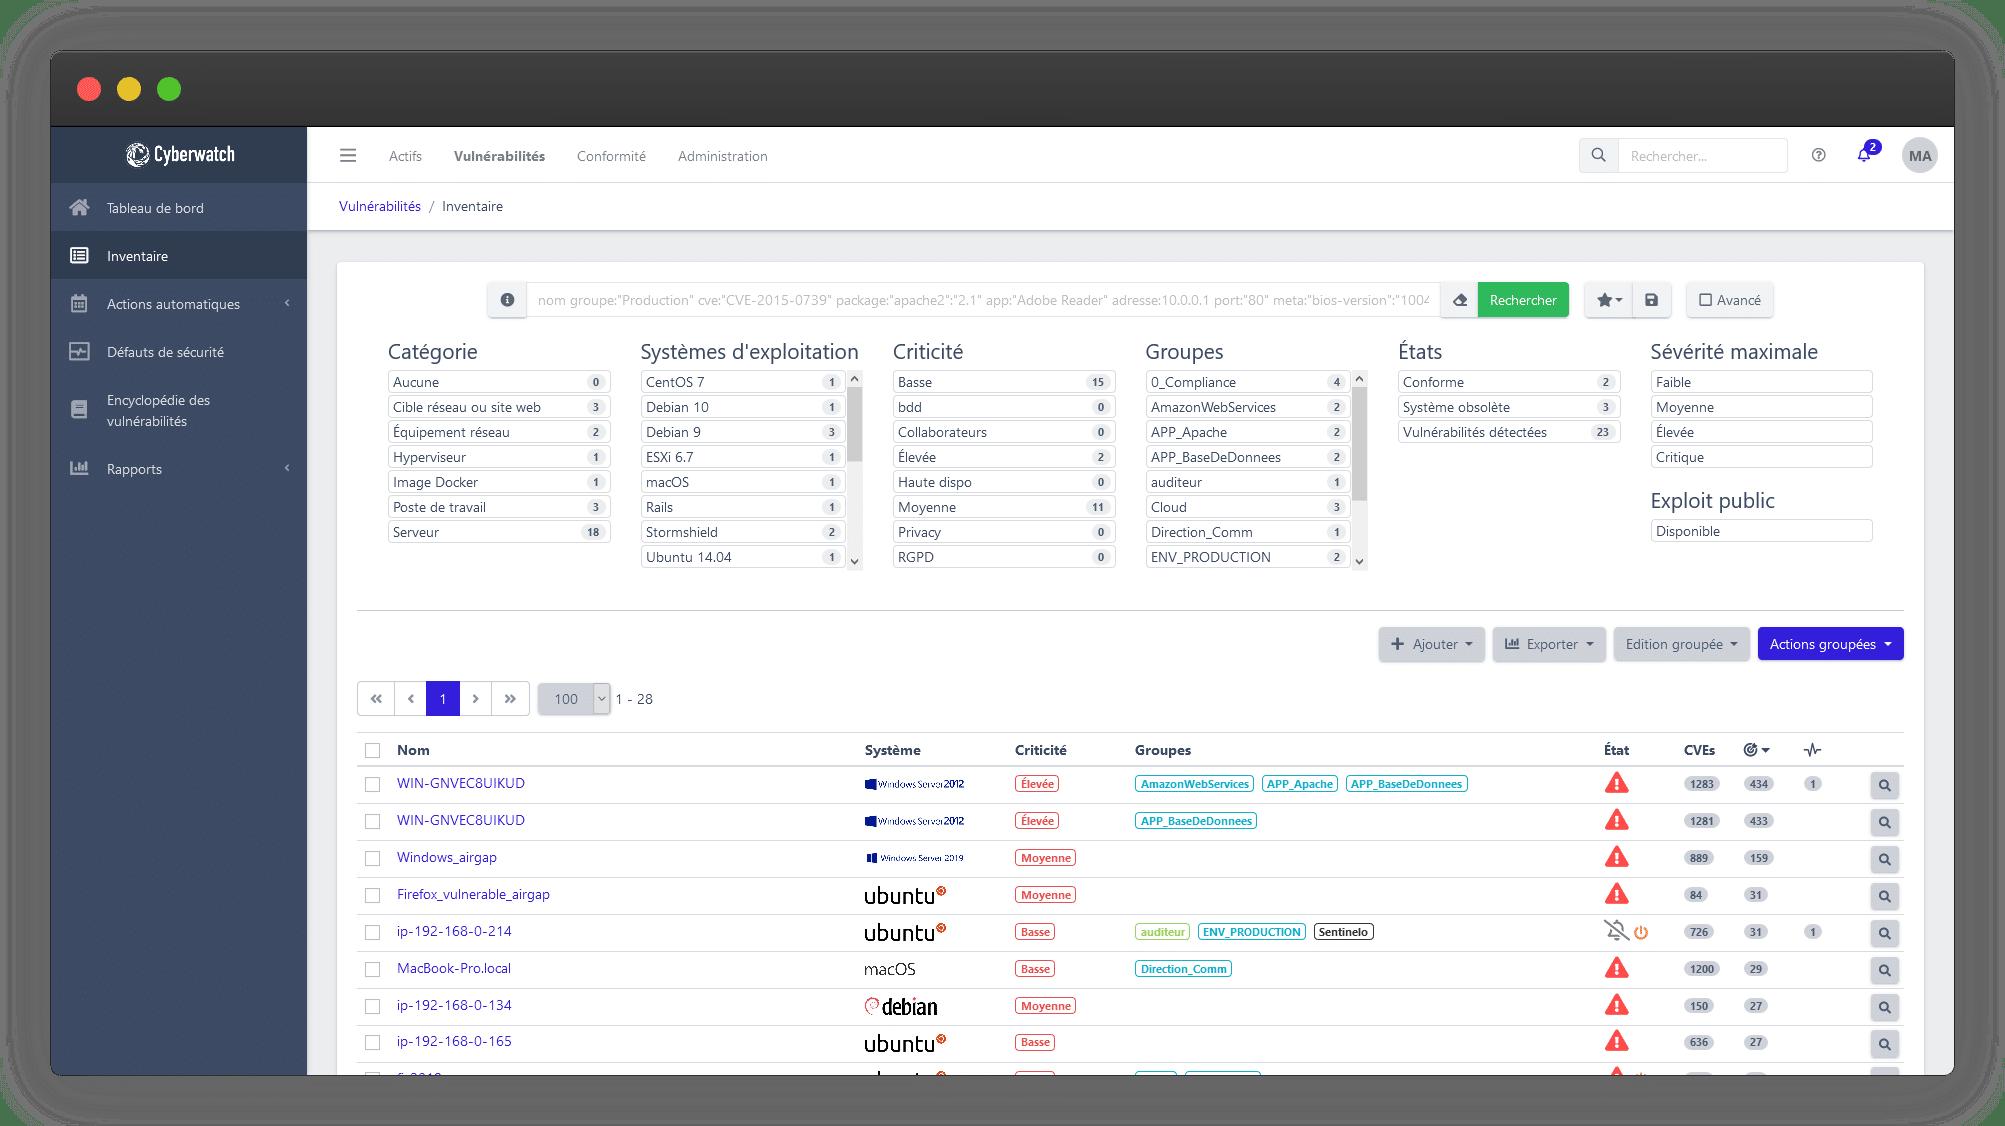 La fonctionnalité inventaire de Cyberwatch Vulnerability Manager